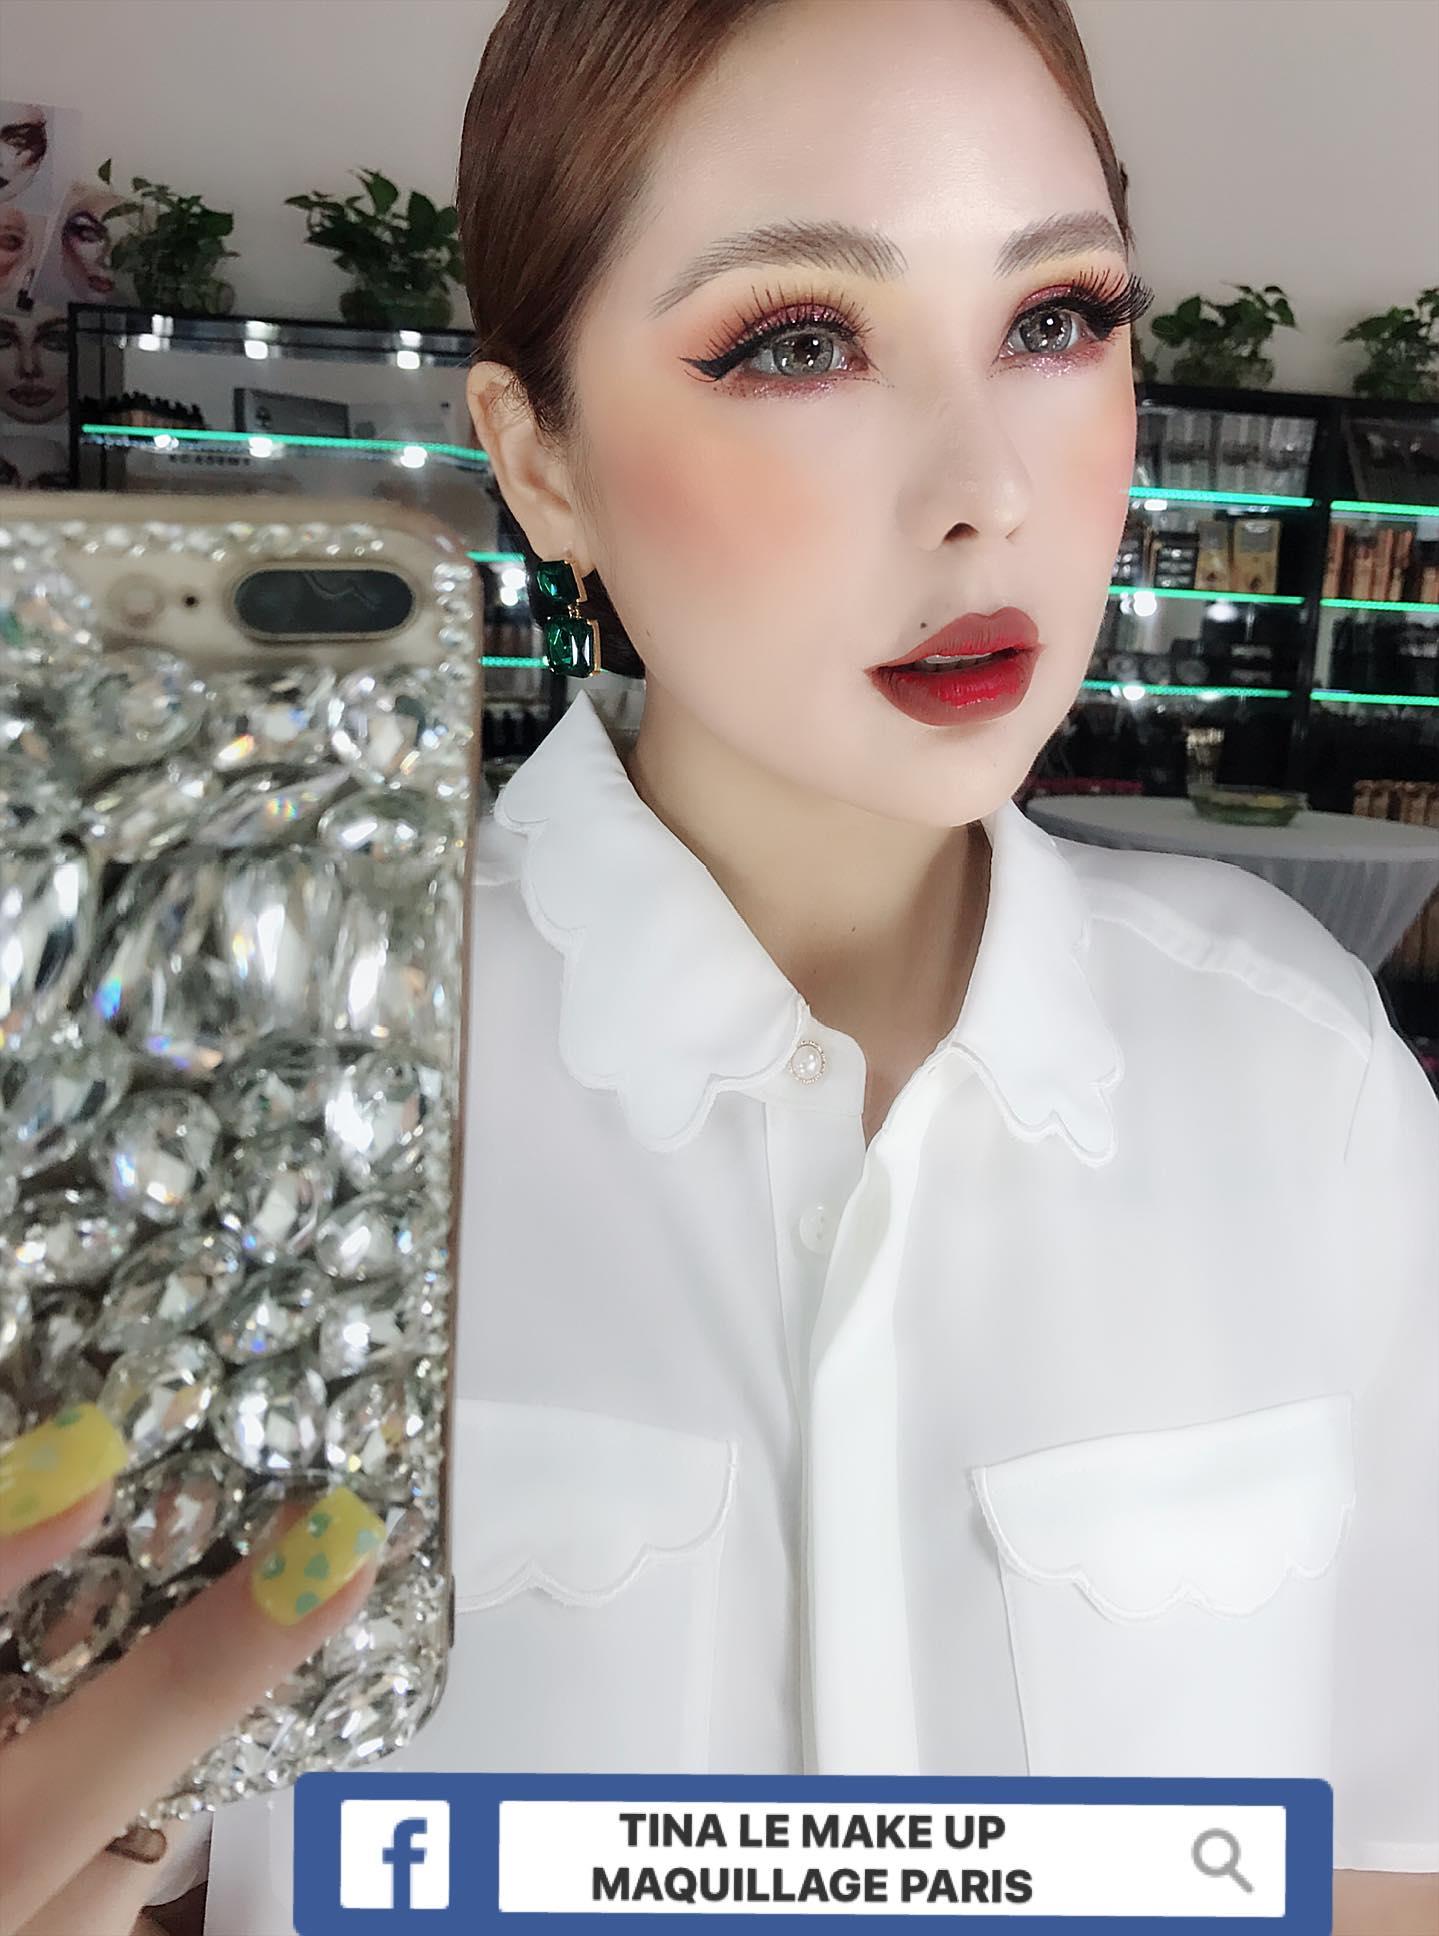 Tina Lê - Người đứng sau ekip makeup hùng hậu cho hàng loạt sự kiện lớn tại Việt Nam - Ảnh 7.